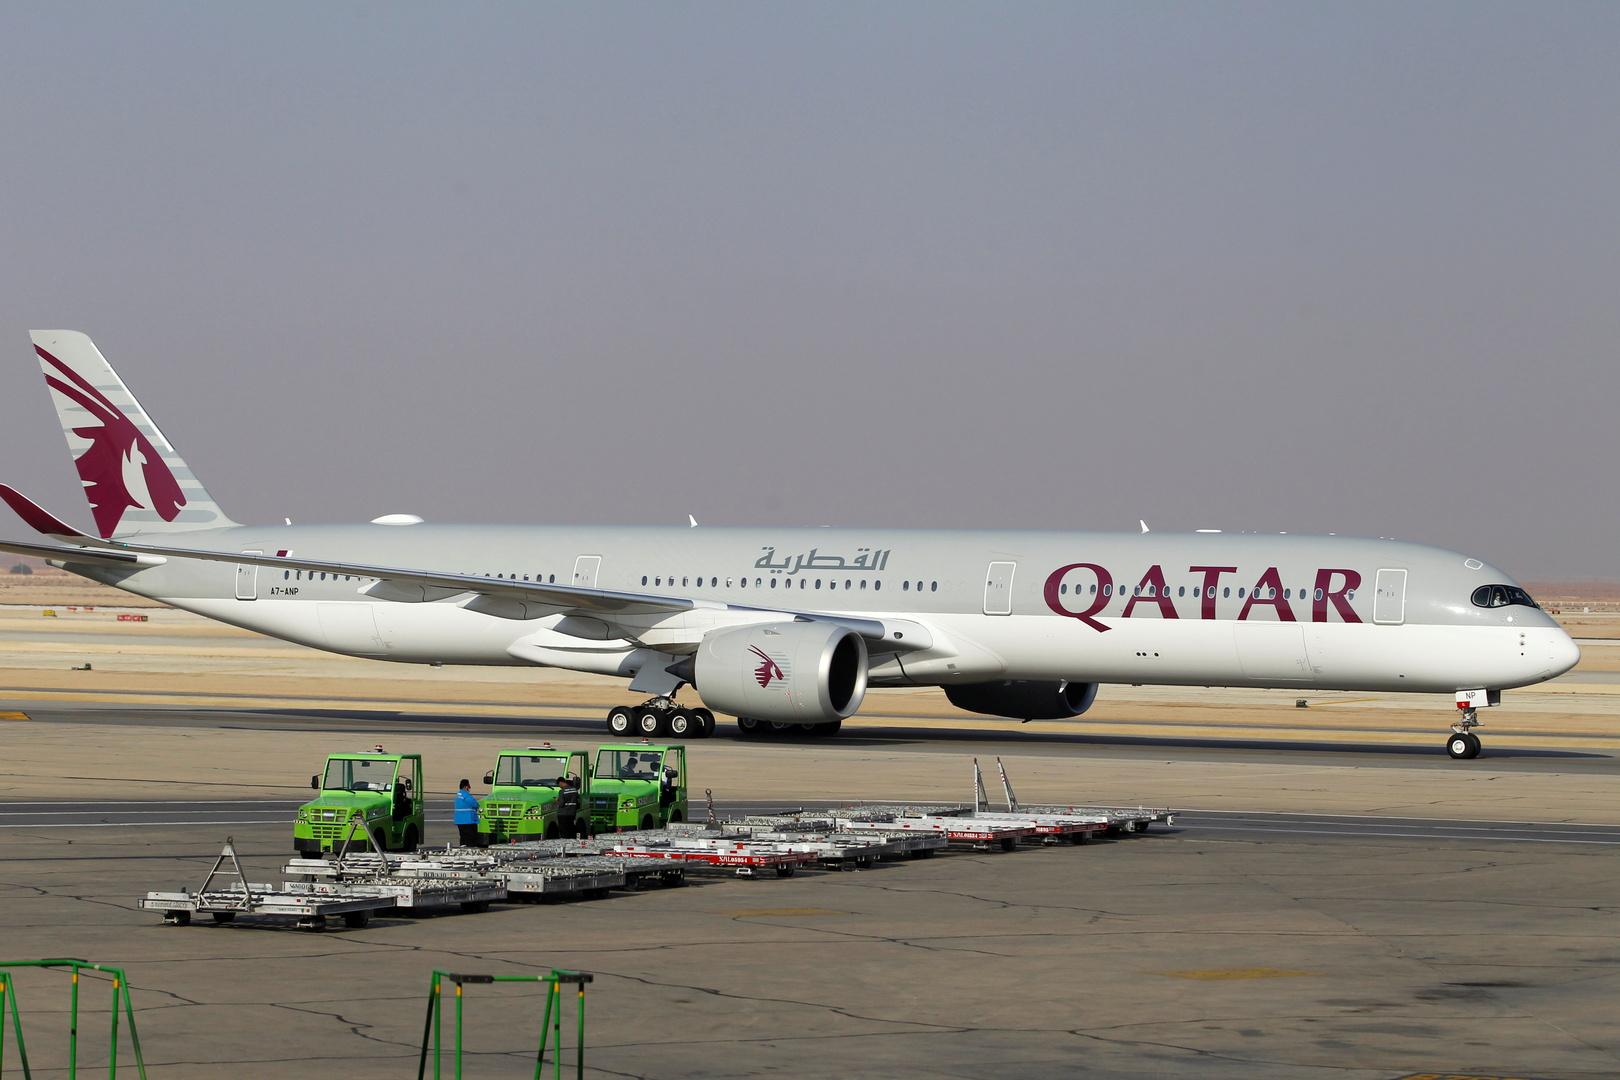 الطيران المدني الدولي يسمح لقطر بإدارة خدمات الملاحة في أجوائها